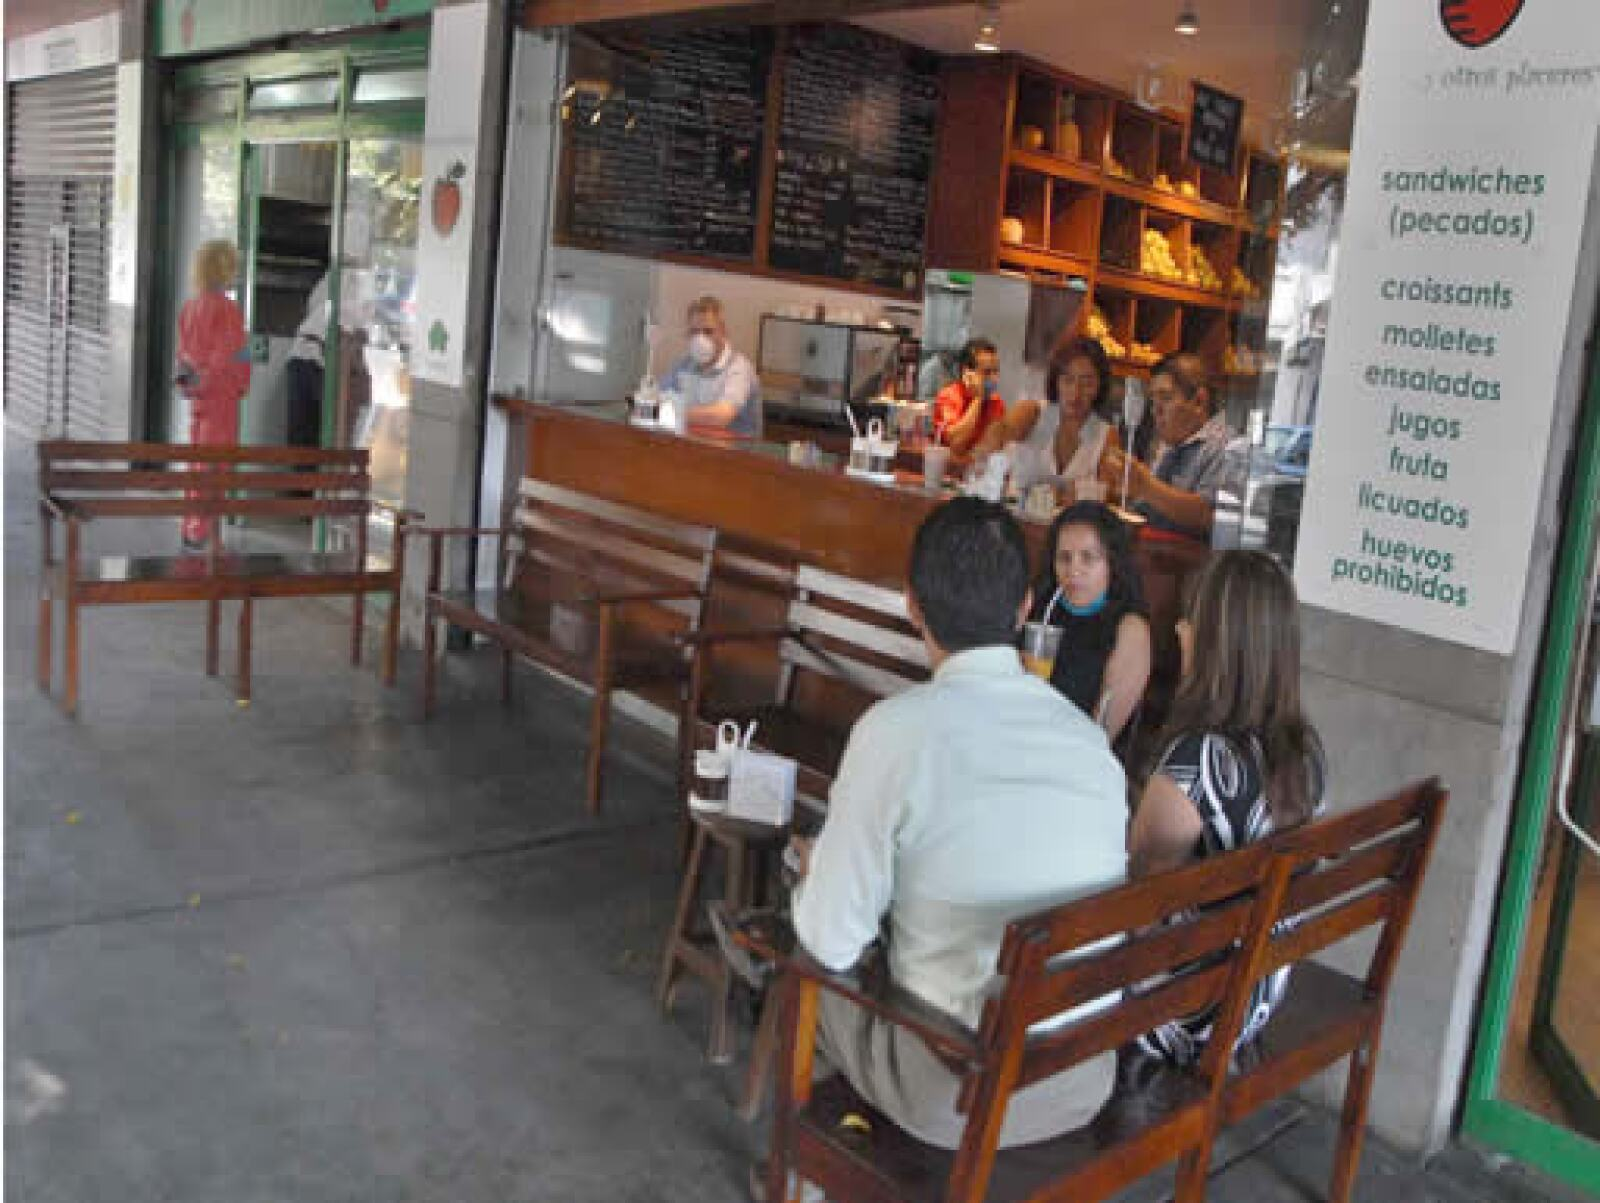 Restauranteros esperan que el día de las madres sea espléndido, mejor que los 87.5 millones de pesos que prevé la CANIRAC se recauden dicho día.